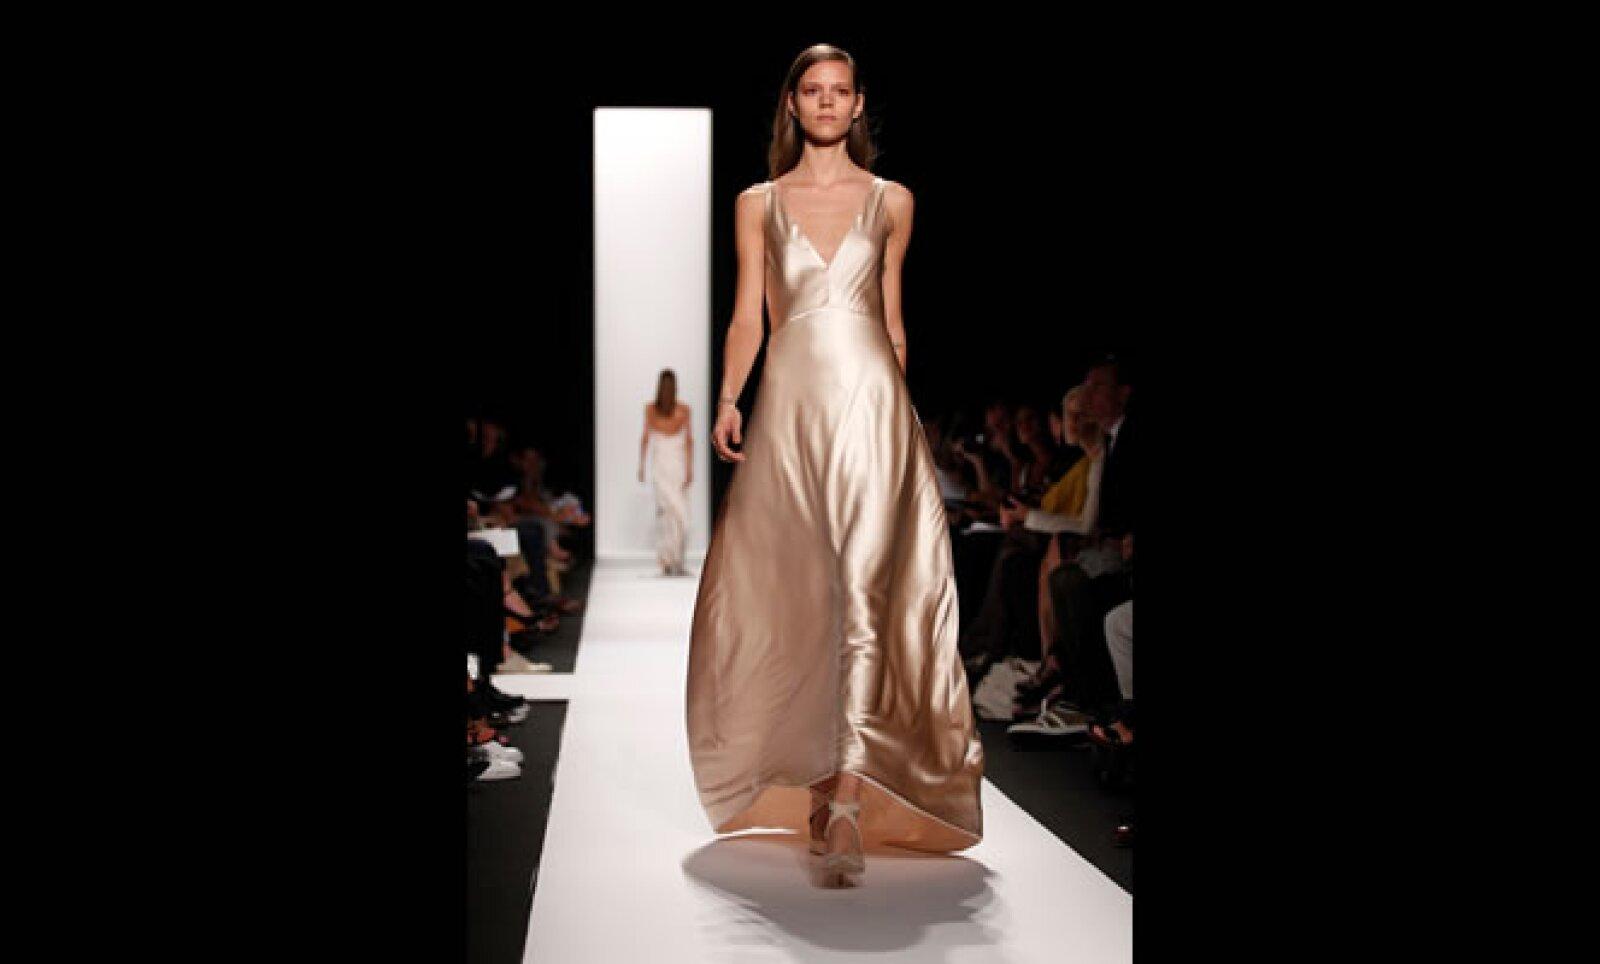 La delicadeza de los tirantes finos en los últimos vestidos de Rodríguez fue algo para destacar.